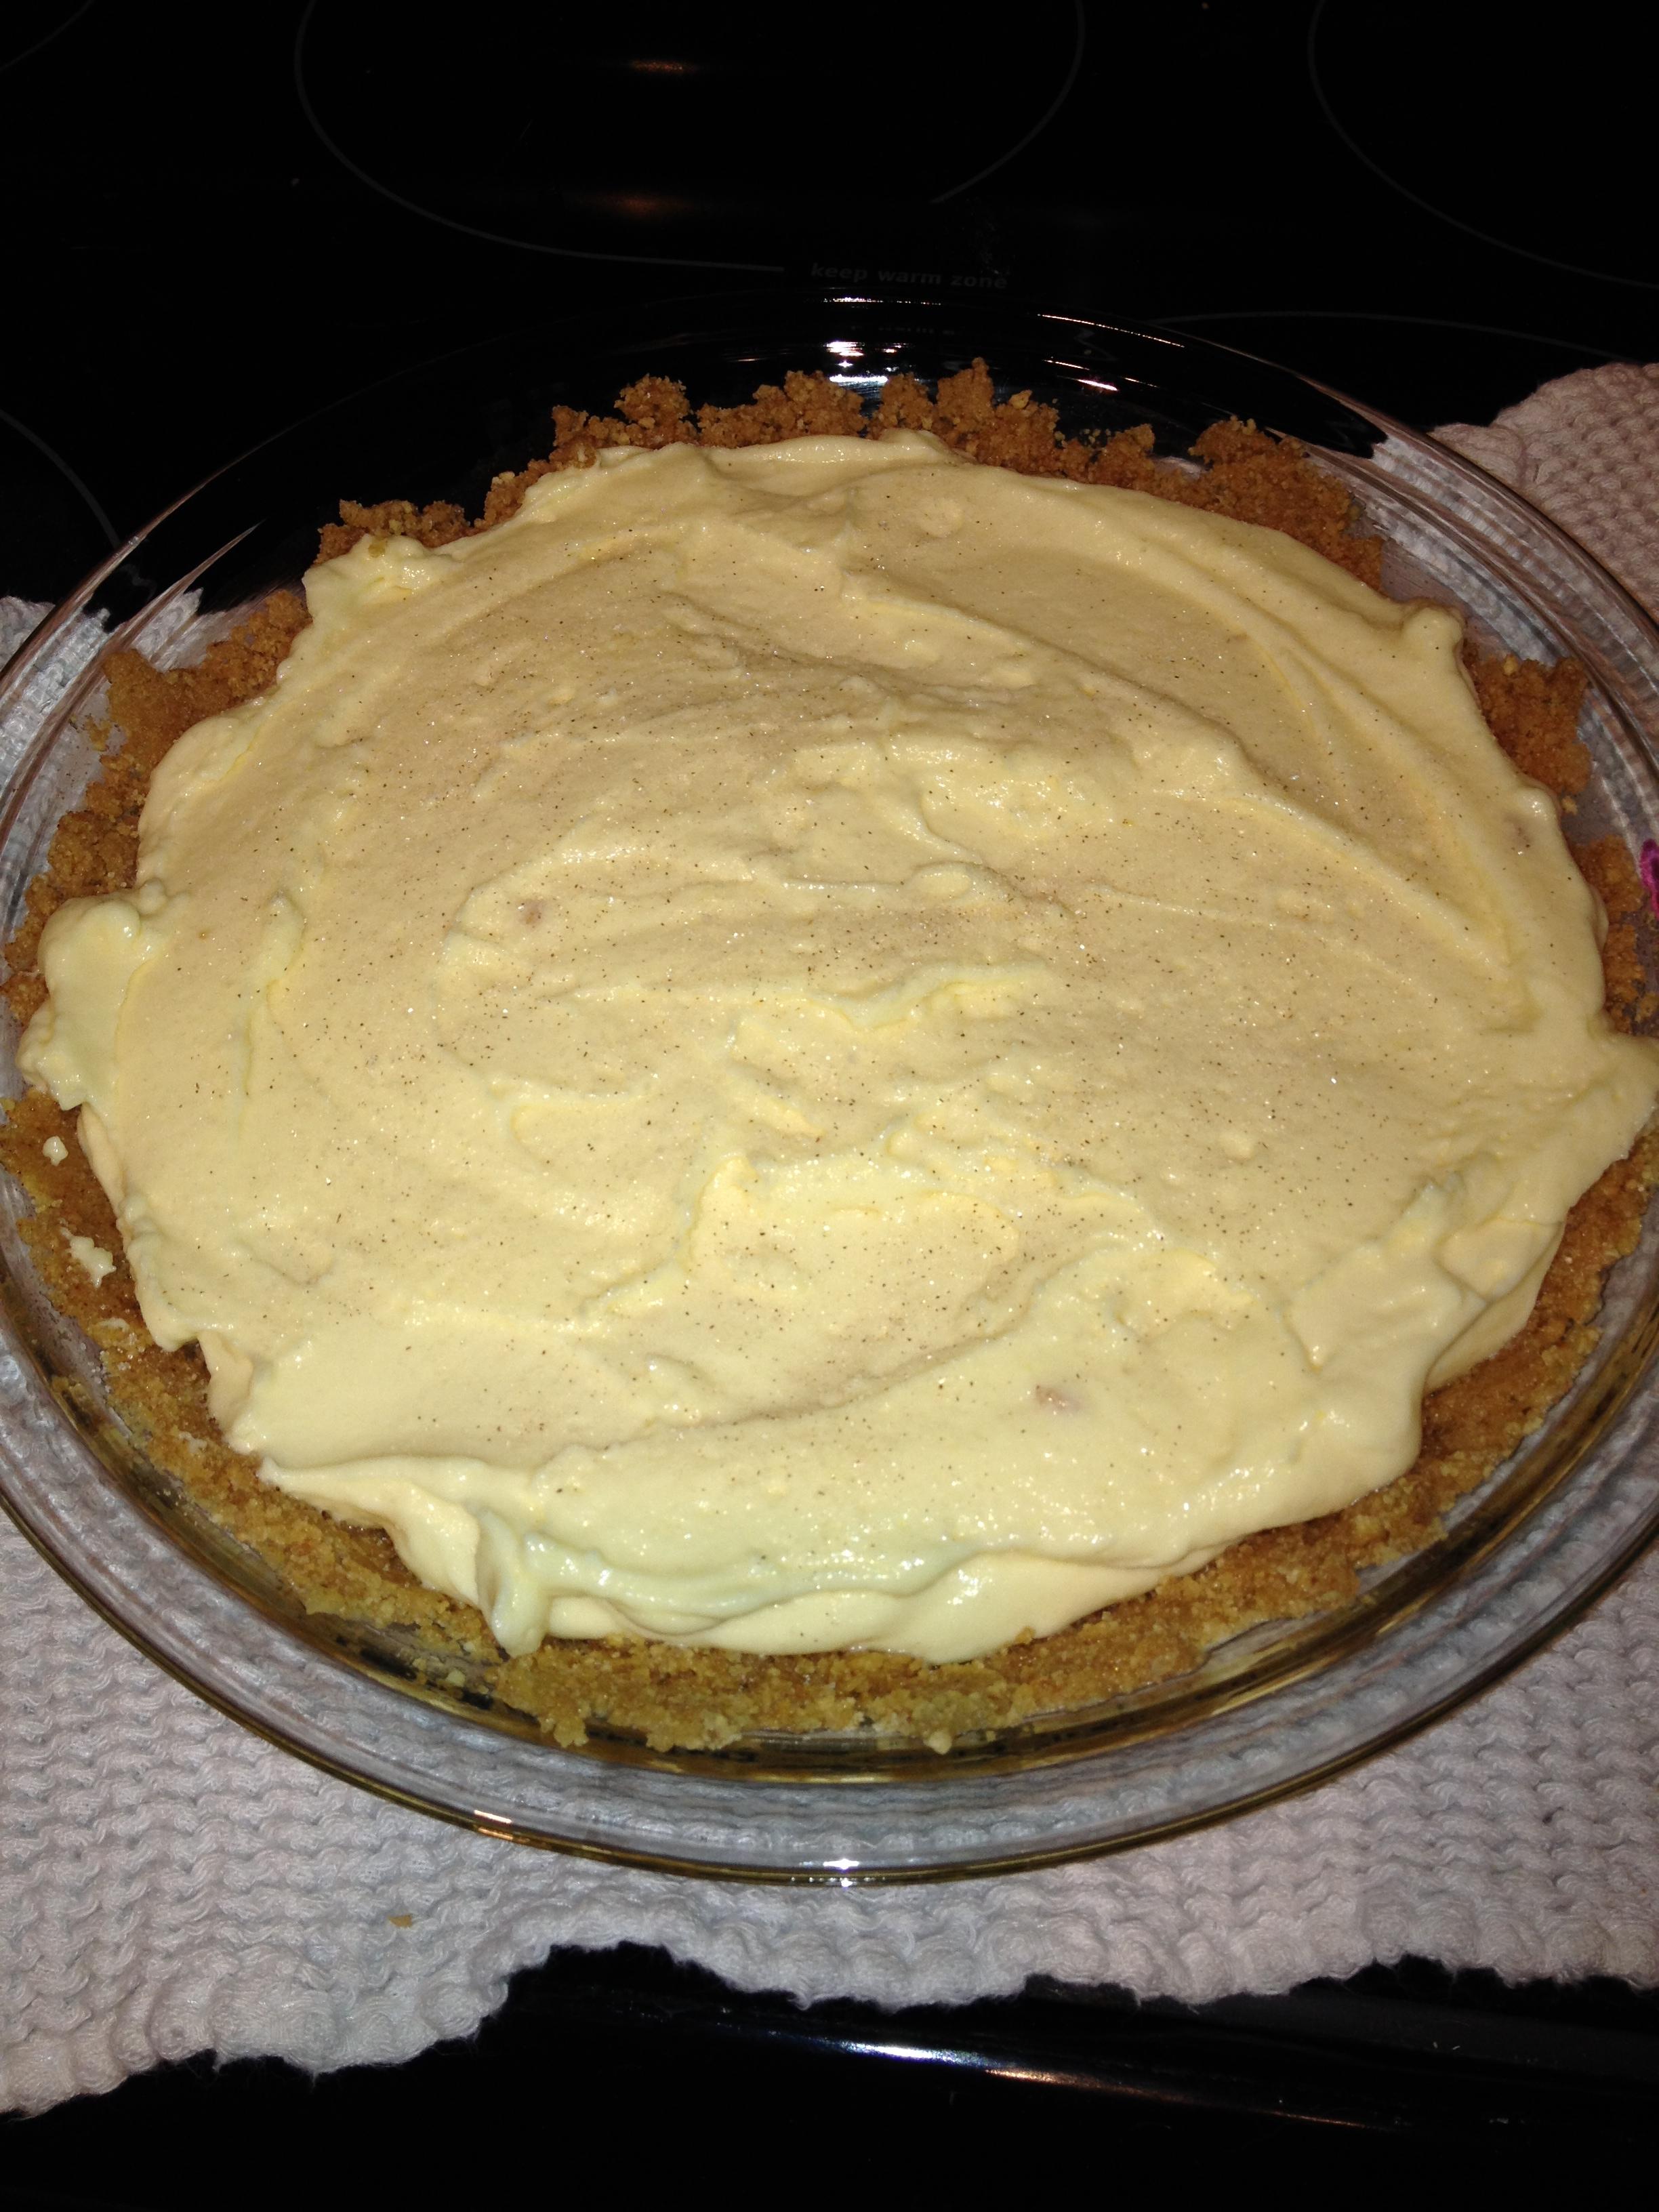 Rumchata Cake Filling